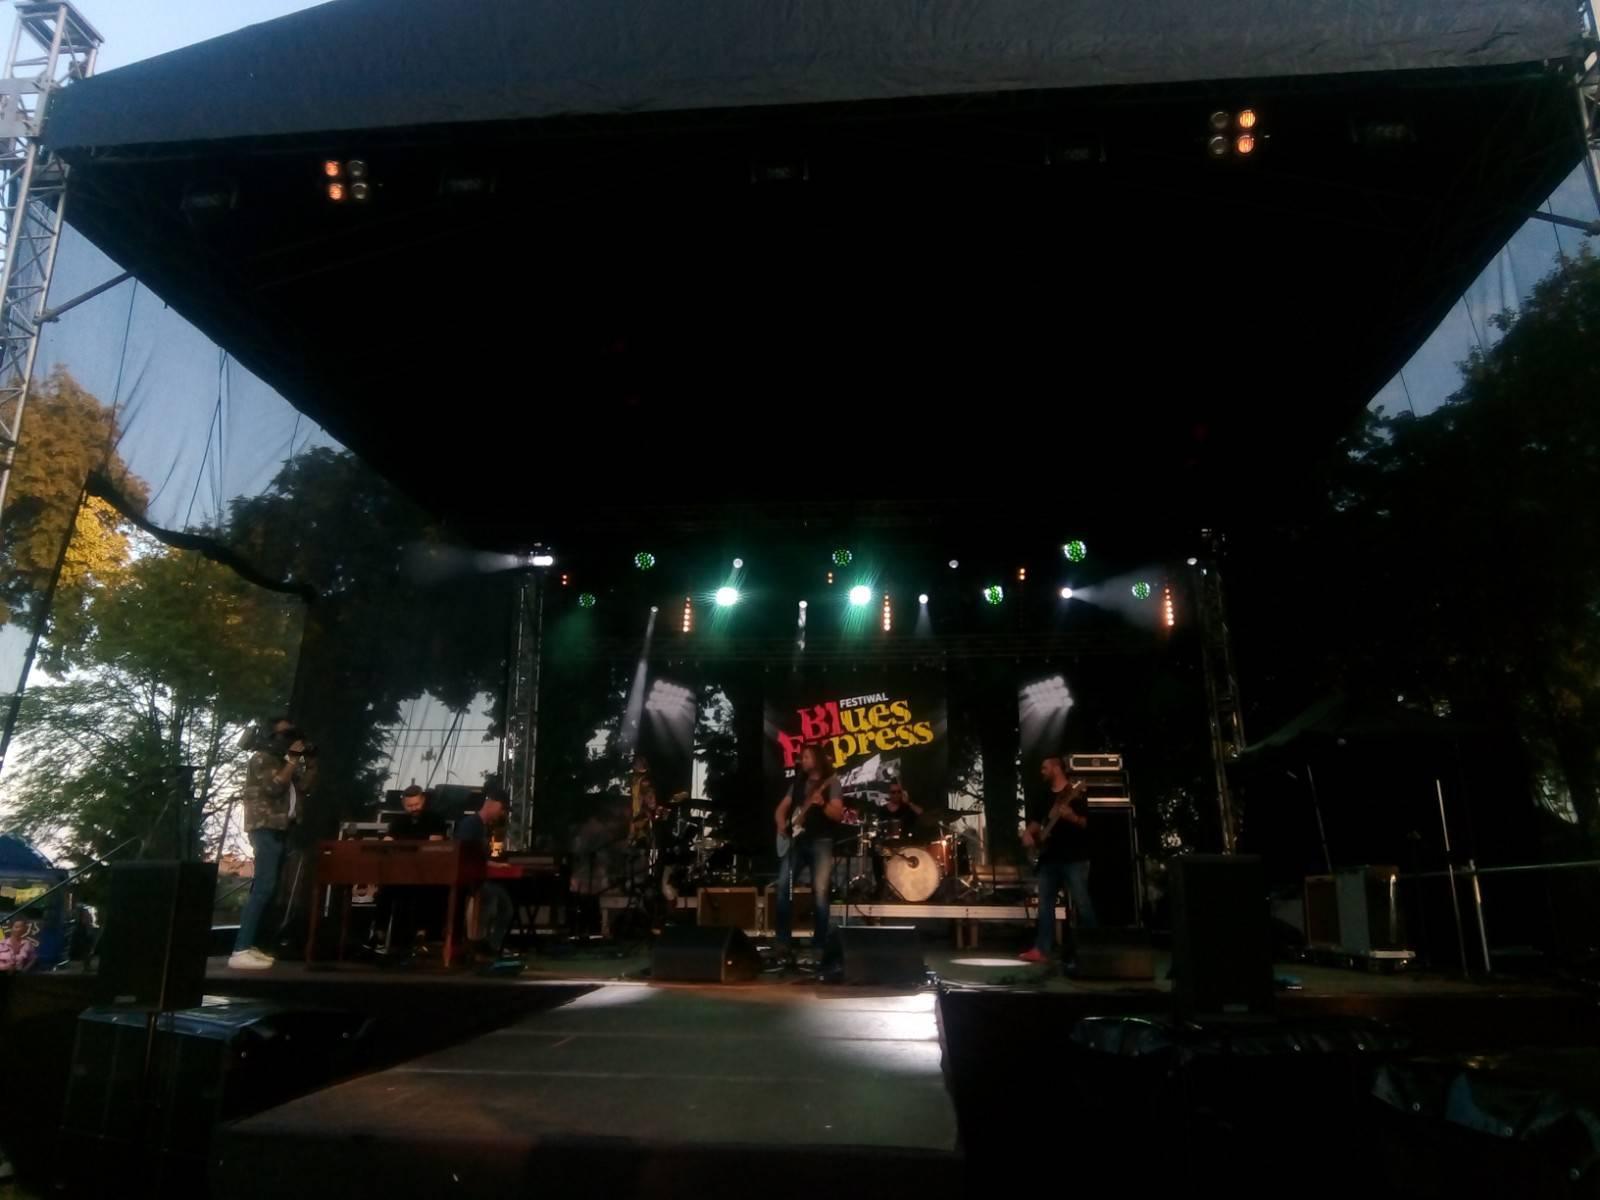 XIX Blues Express Festiwal Zakrzewo 2021 r. - foto - Tomasz Roman Bracka